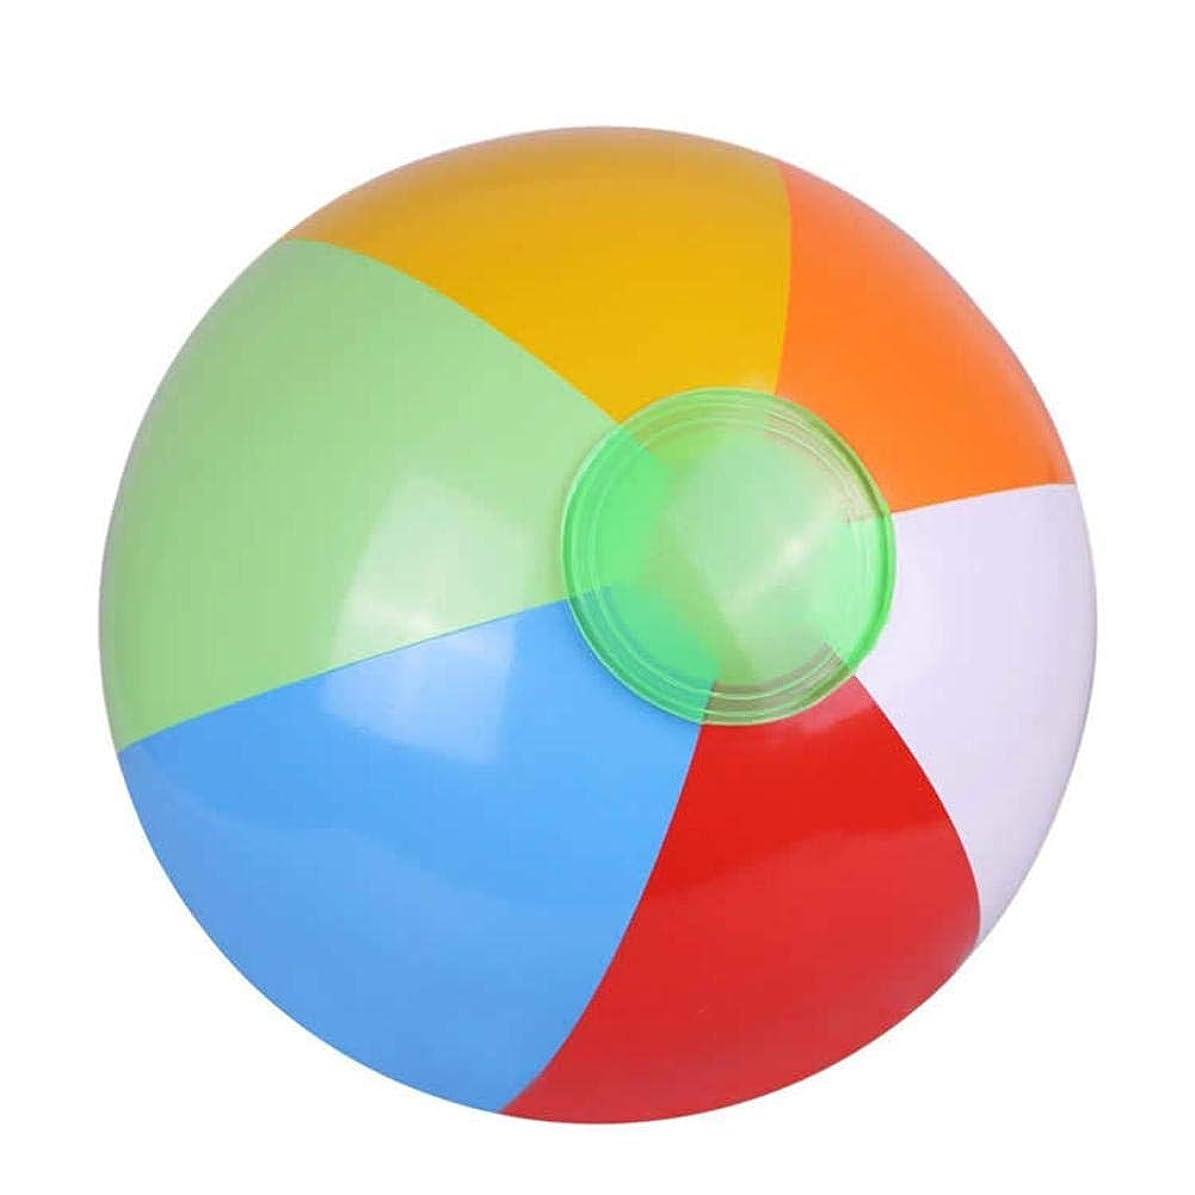 誰がアーカイブ合金環境に優しいポリ塩化ビニールの膨脹可能な6部分色の球さまざまなおもちゃのビーチボールランダム色SNOWVIRTUOS